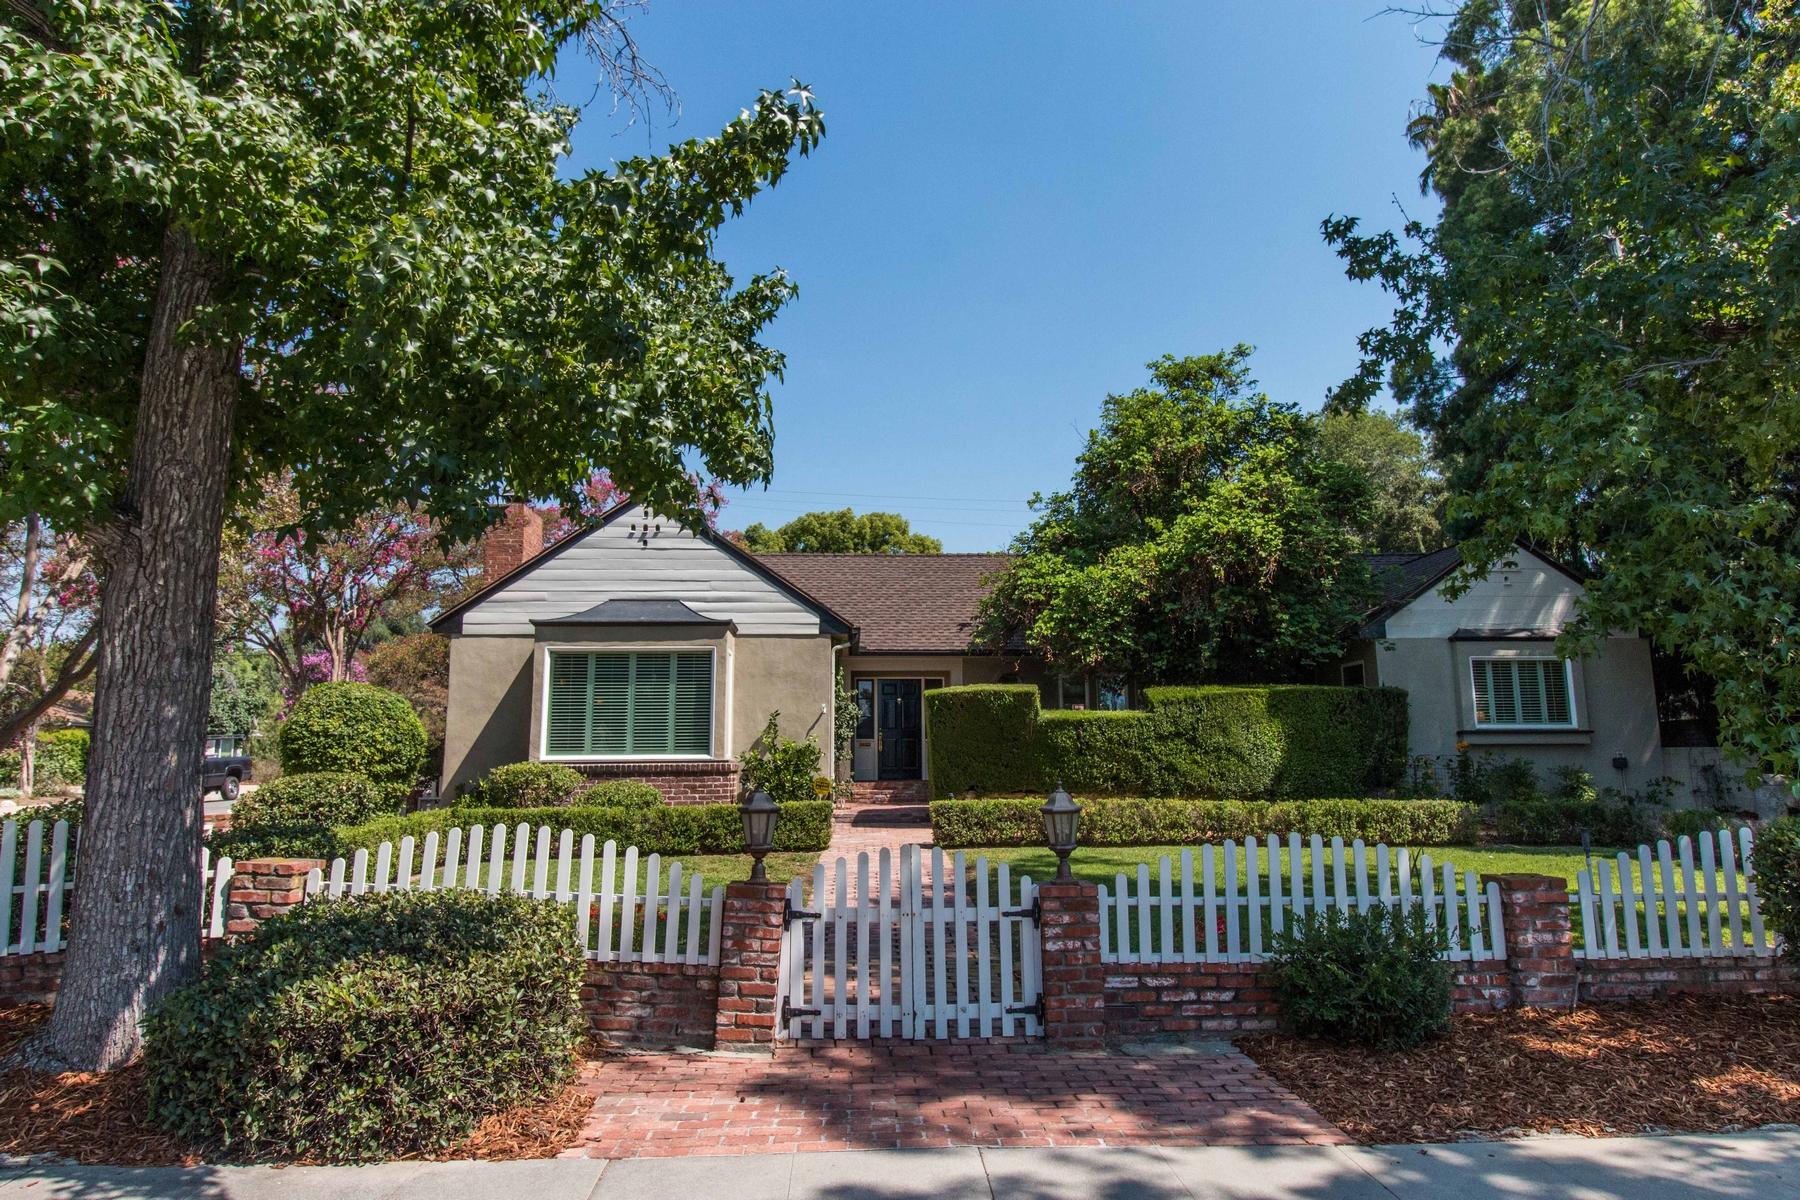 Maison unifamiliale pour l Vente à 645 W. 11th Street, Claremont Claremont, Californie 91711 États-Unis